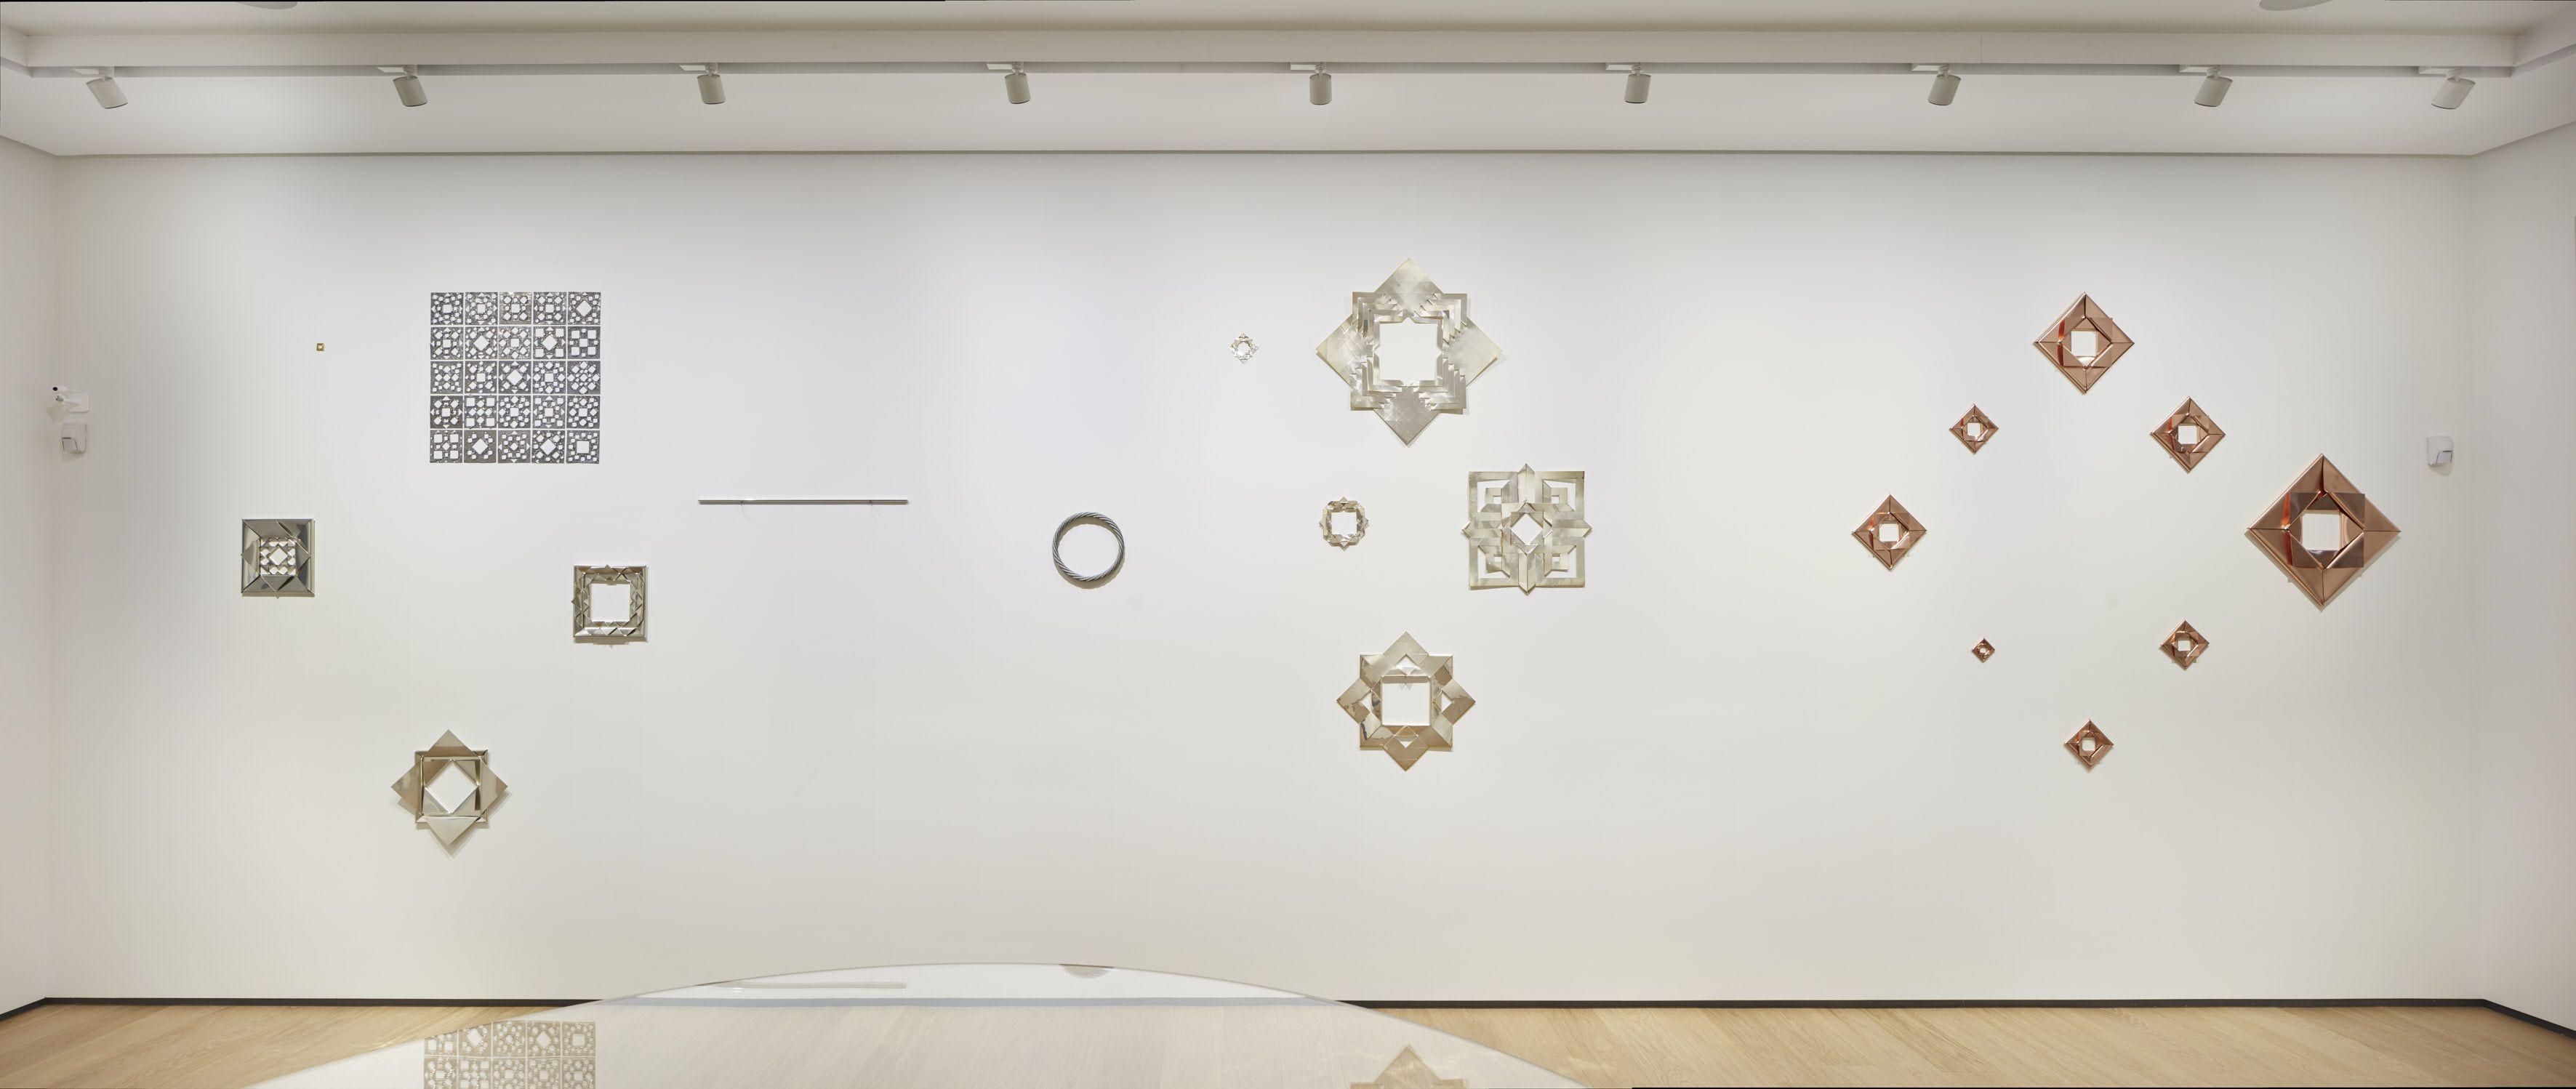 Continuo infinito presente - installation view #4